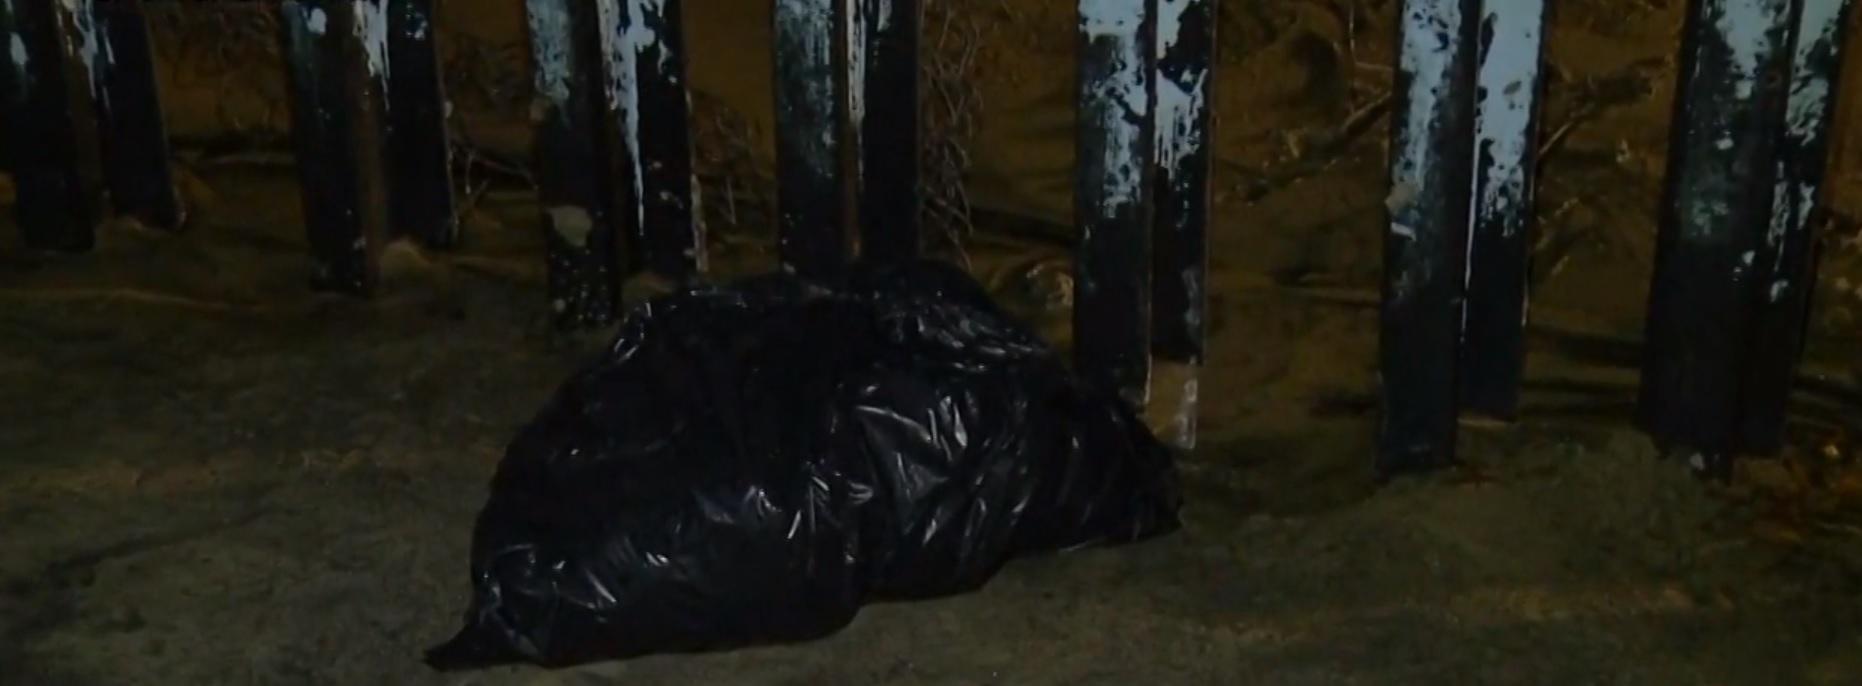 Un inmigrante hondureño de aproximadamente 25 años de edad murió ahogado al intentar cruzar nadando, previamente metió sus pertenencias en una bolsa plástica que quedó del lado mexicano mientras que del lado americano salió su cuerpo inerte Foto: Impresión de pantalla